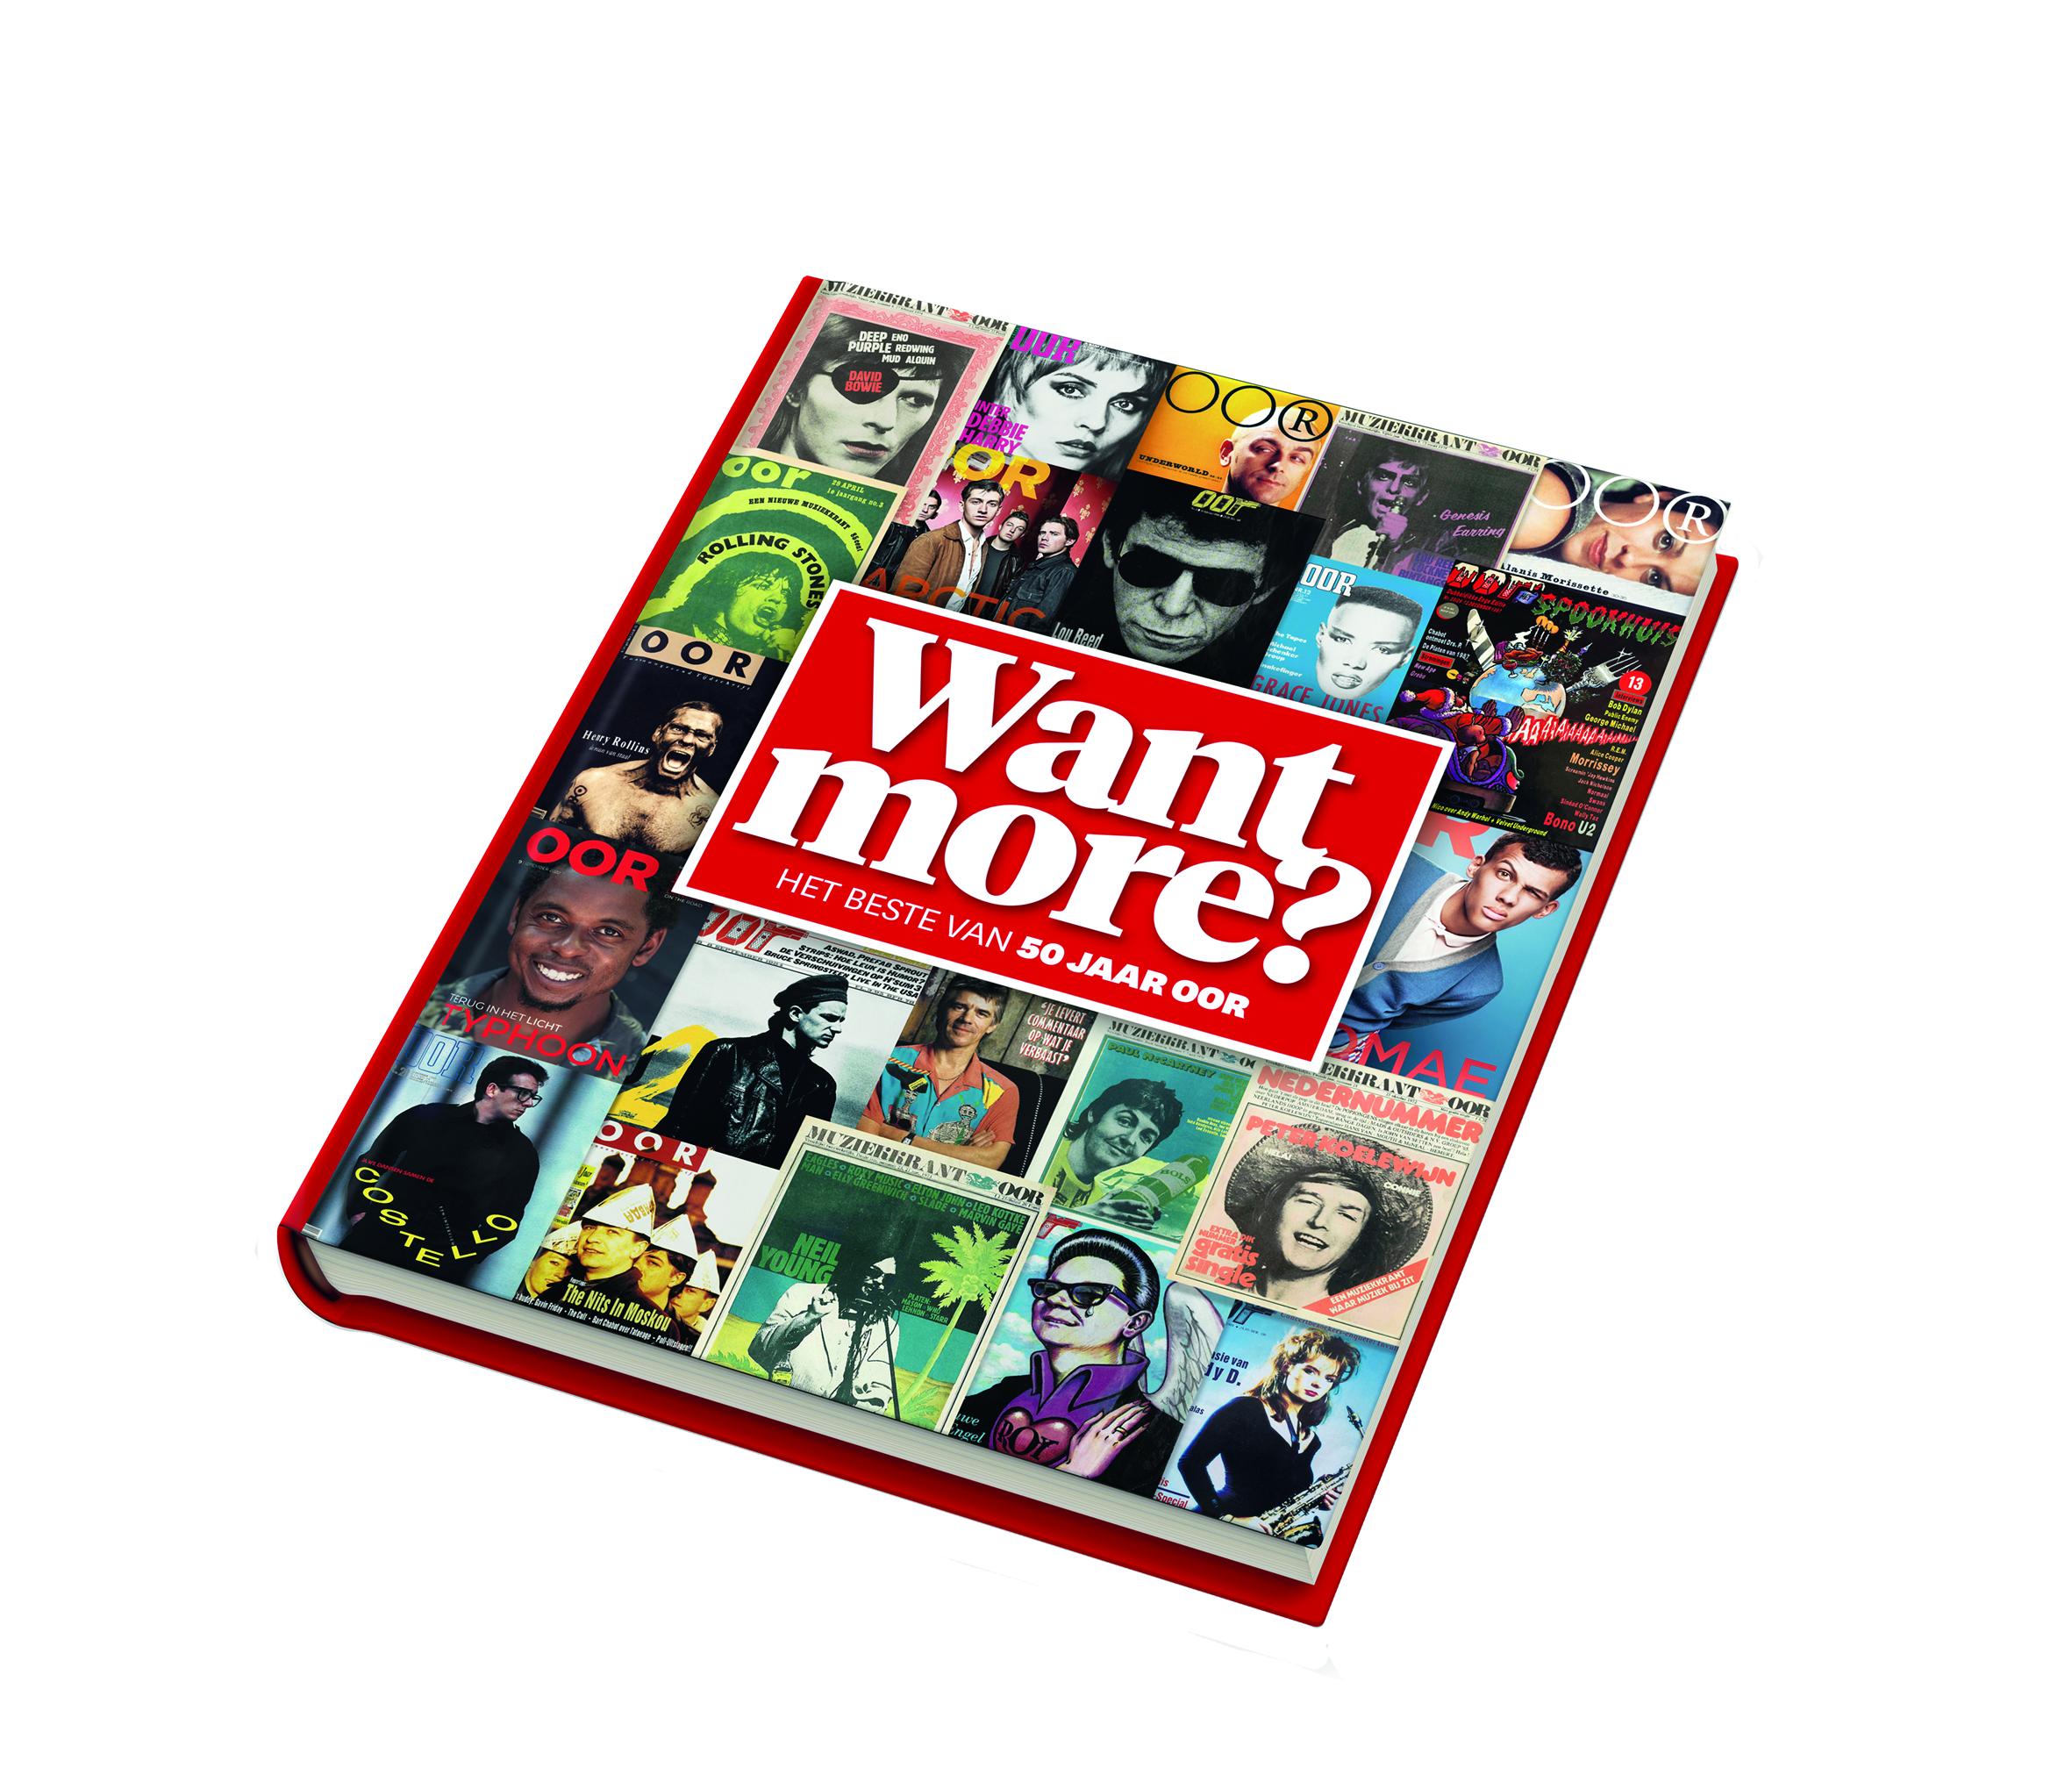 Muziektijdschrift Oor bestaat 50 jaar: Een monument met een onzekere toekomst